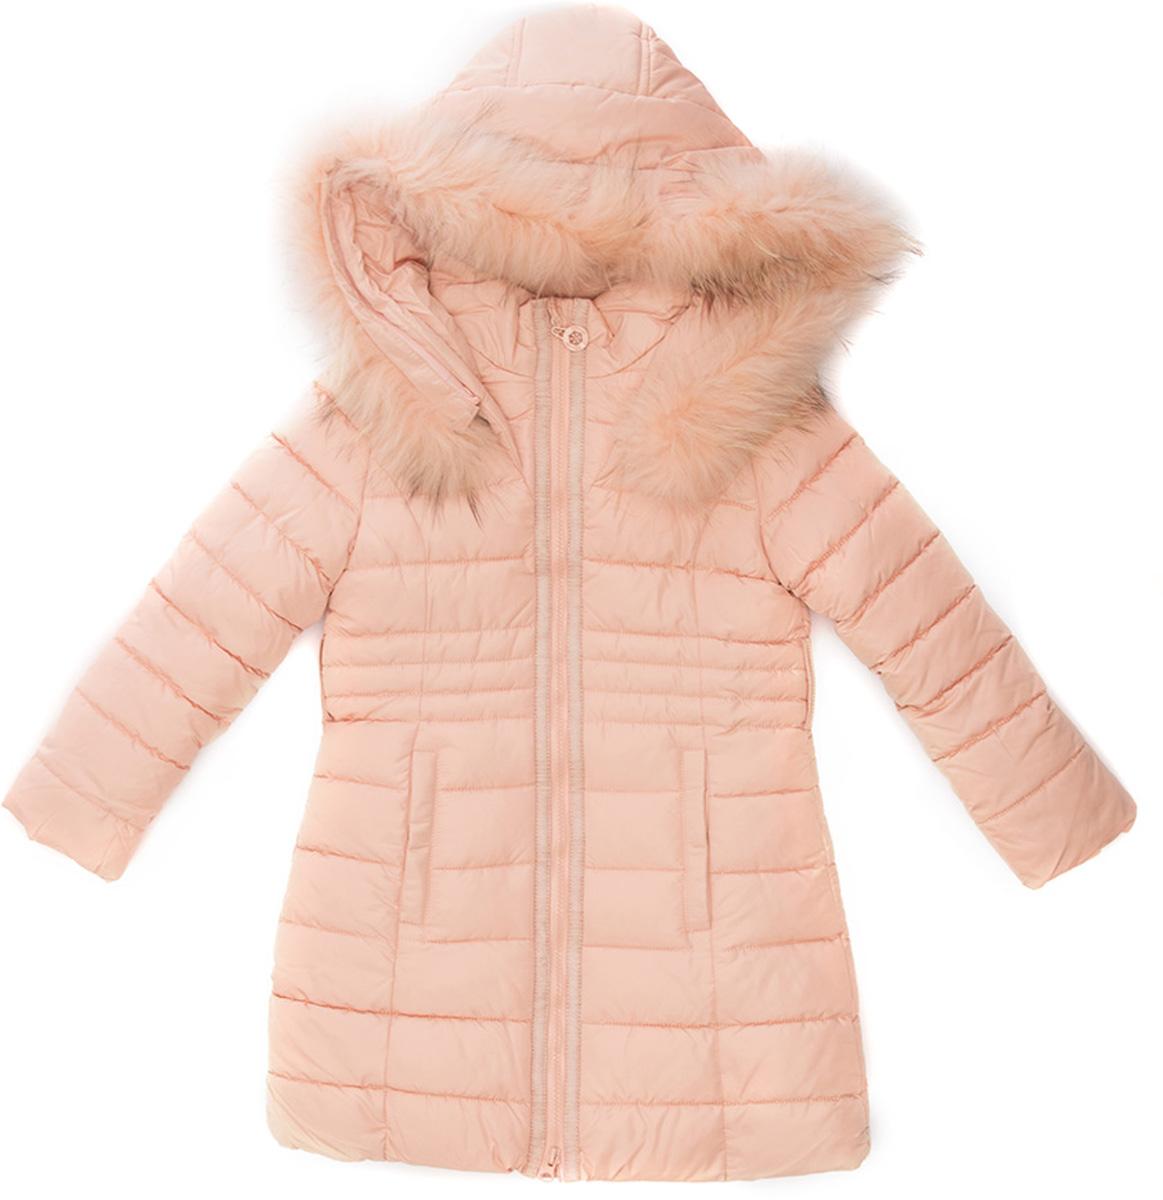 Куртка для девочки Vitacci, цвет: пудровый. 2171479-48. Размер 1342171479-48Удлиненная куртка-пальто для девочки Vitacci, изготовленная из полиэстера, станет стильнымдополнением к детскому гардеробу.Подкладка выполнена из полиэстера и дополнительно утеплена флисом по спинке. В качестве наполнителя используется биопух.Модель застегивается на застежку-молнию и имеет съемный капюшон с опушкой из натурального меха. Спереди расположены два кармана.Температурный режим от -10°С до -25°С.Теплая, удобная и практичная куртка идеально подойдет юной моднице для прогулок!